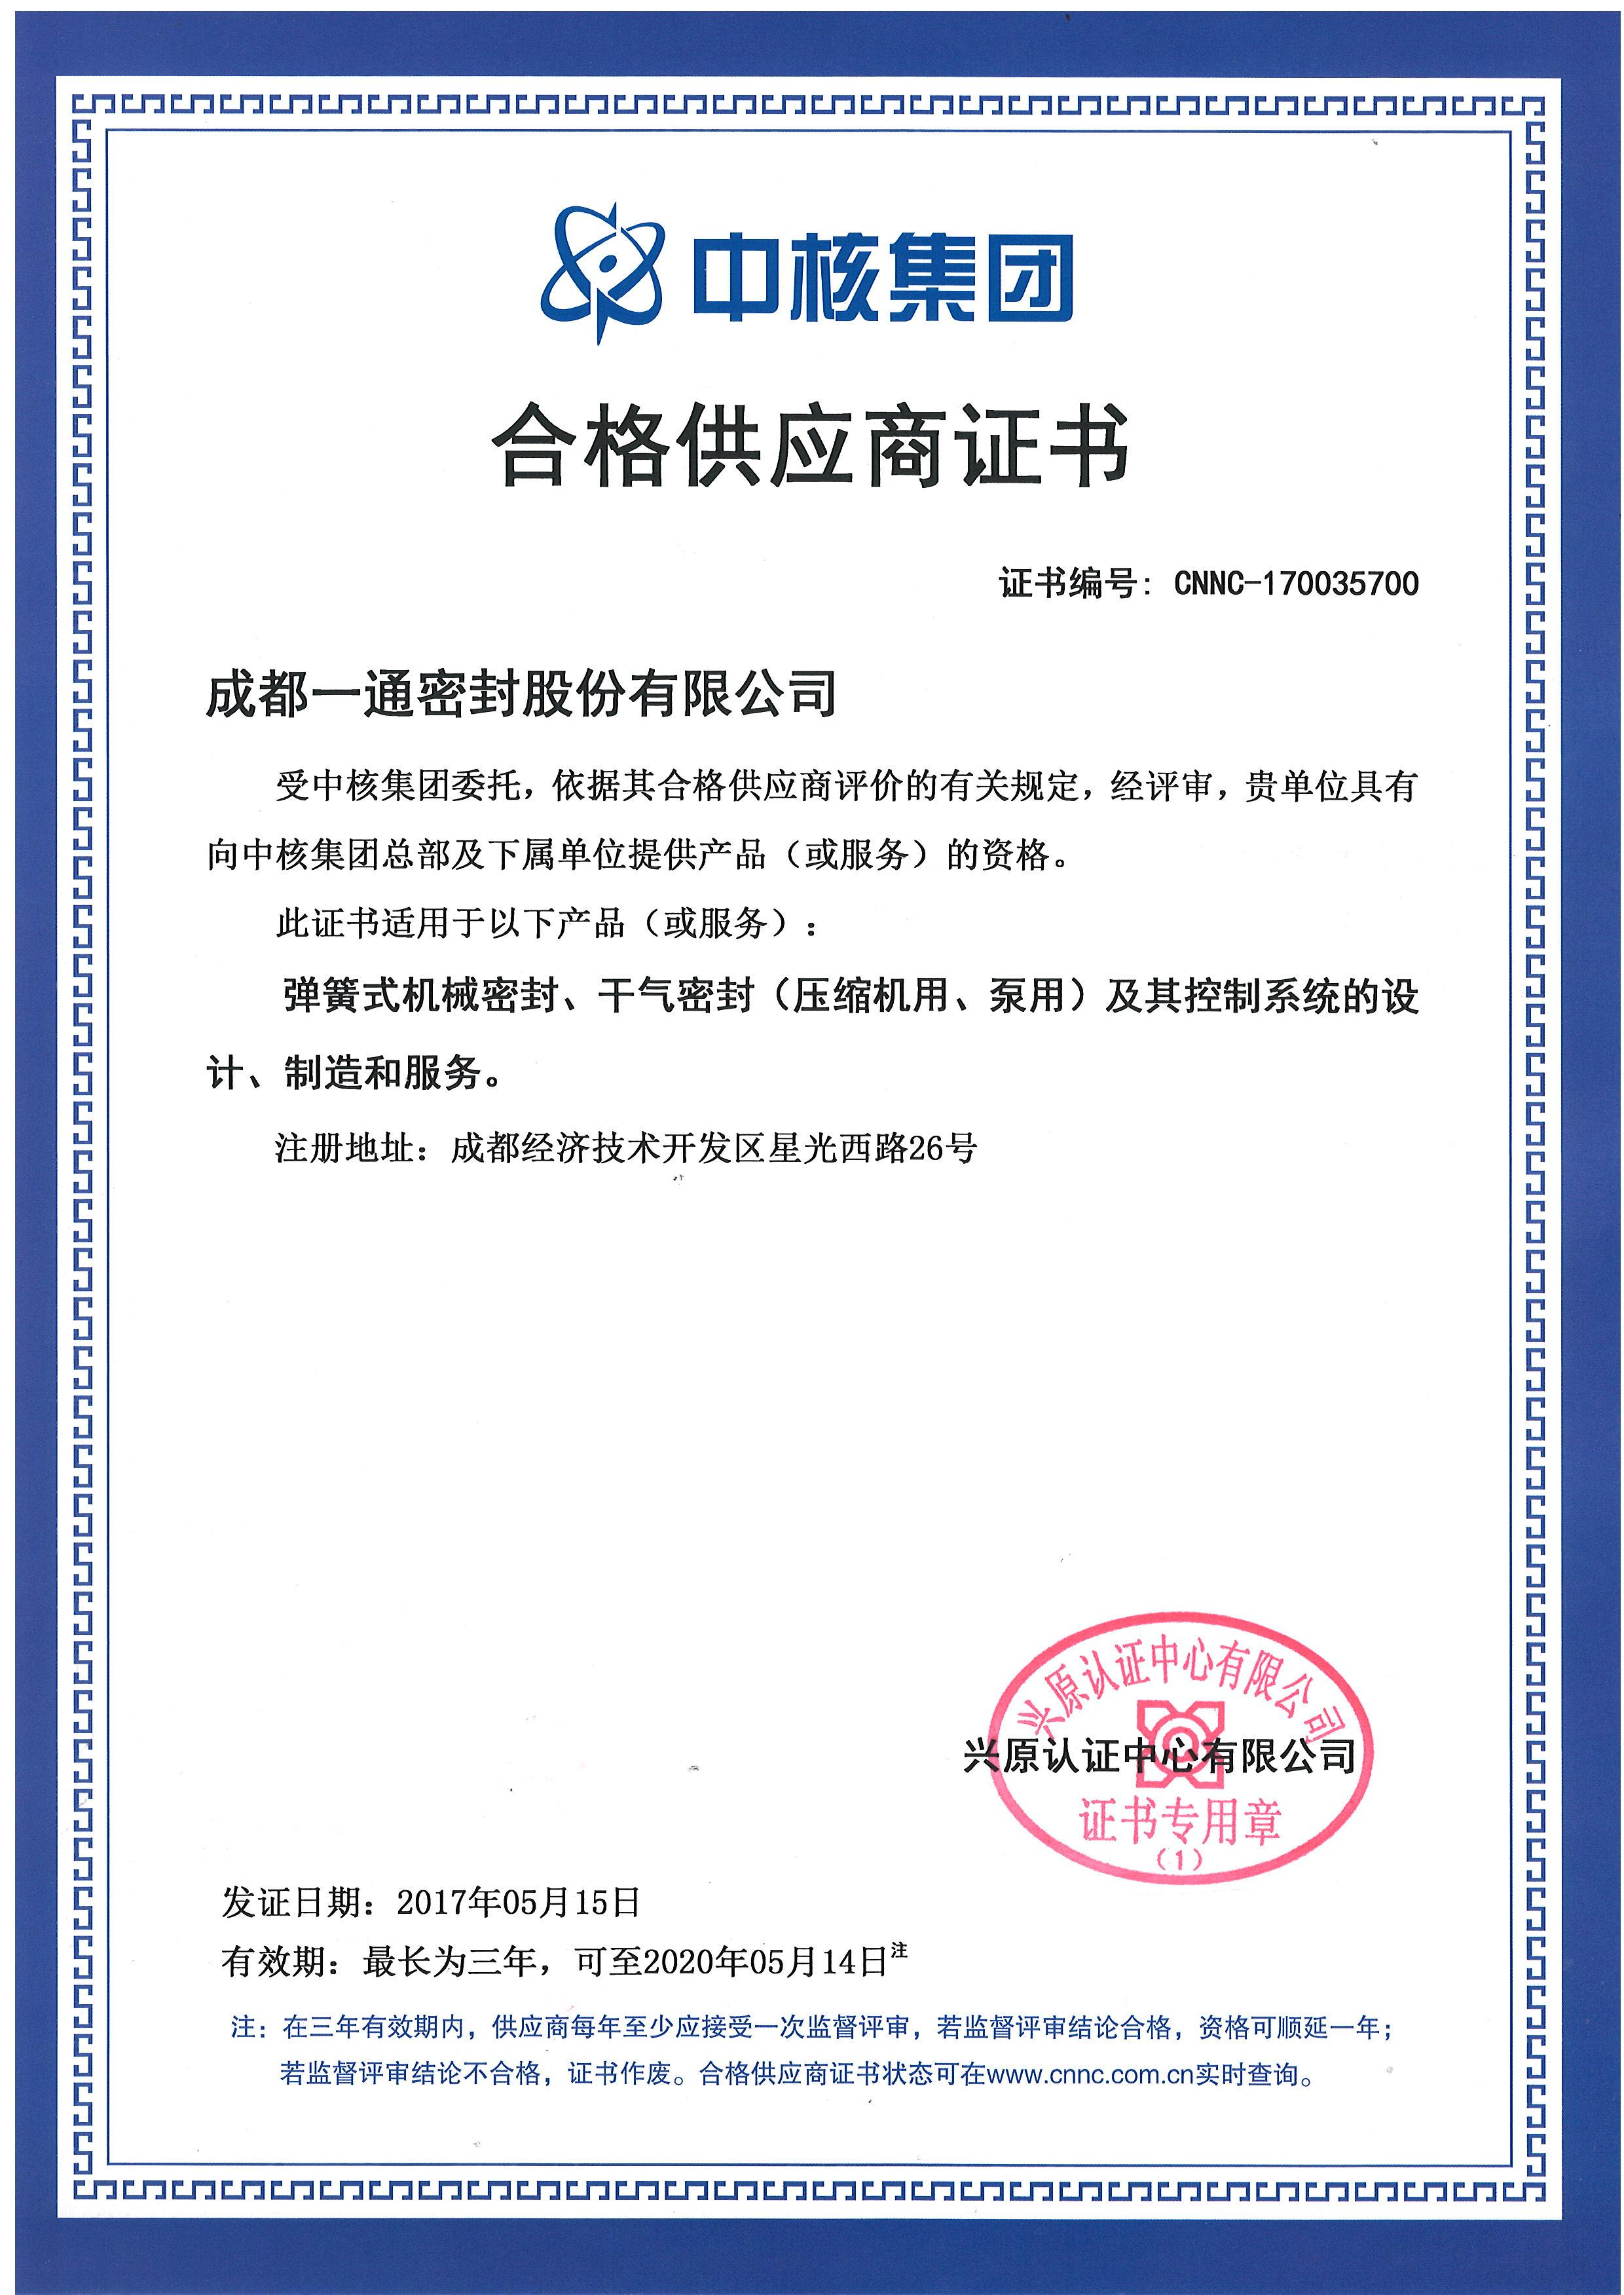 中核集团合格供应商证书(5月).JPG